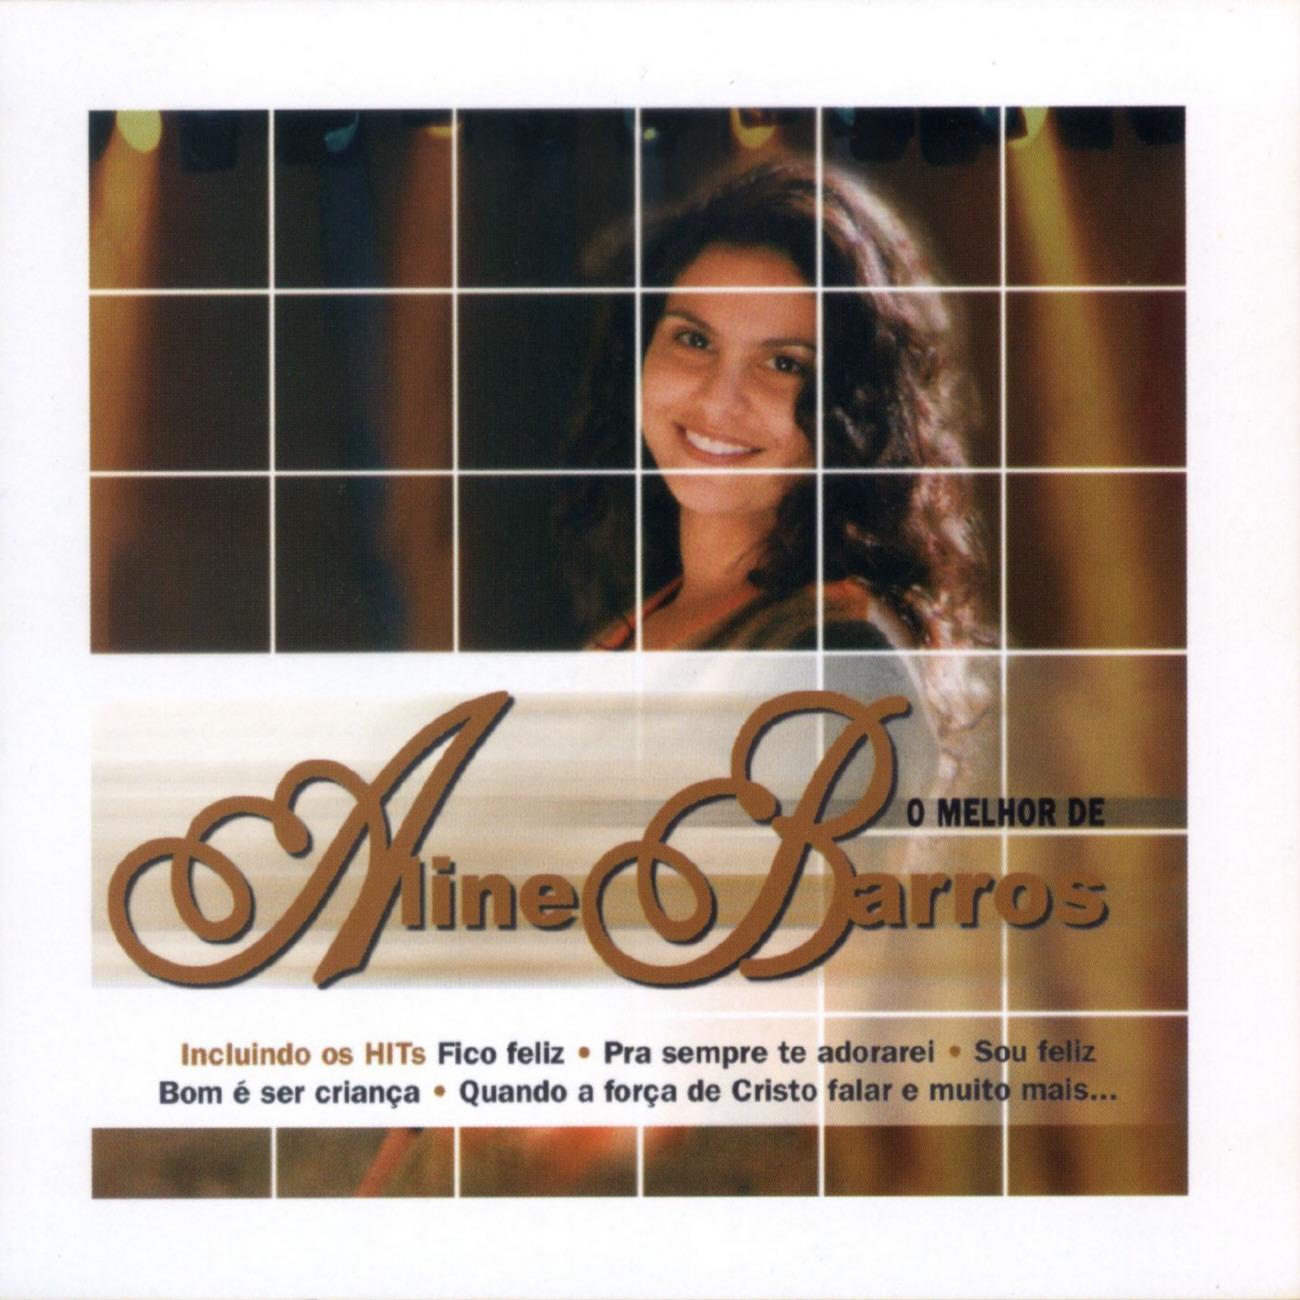 ALINE BEM BAIXAR MUSICA BARROS DA AVENTURADO